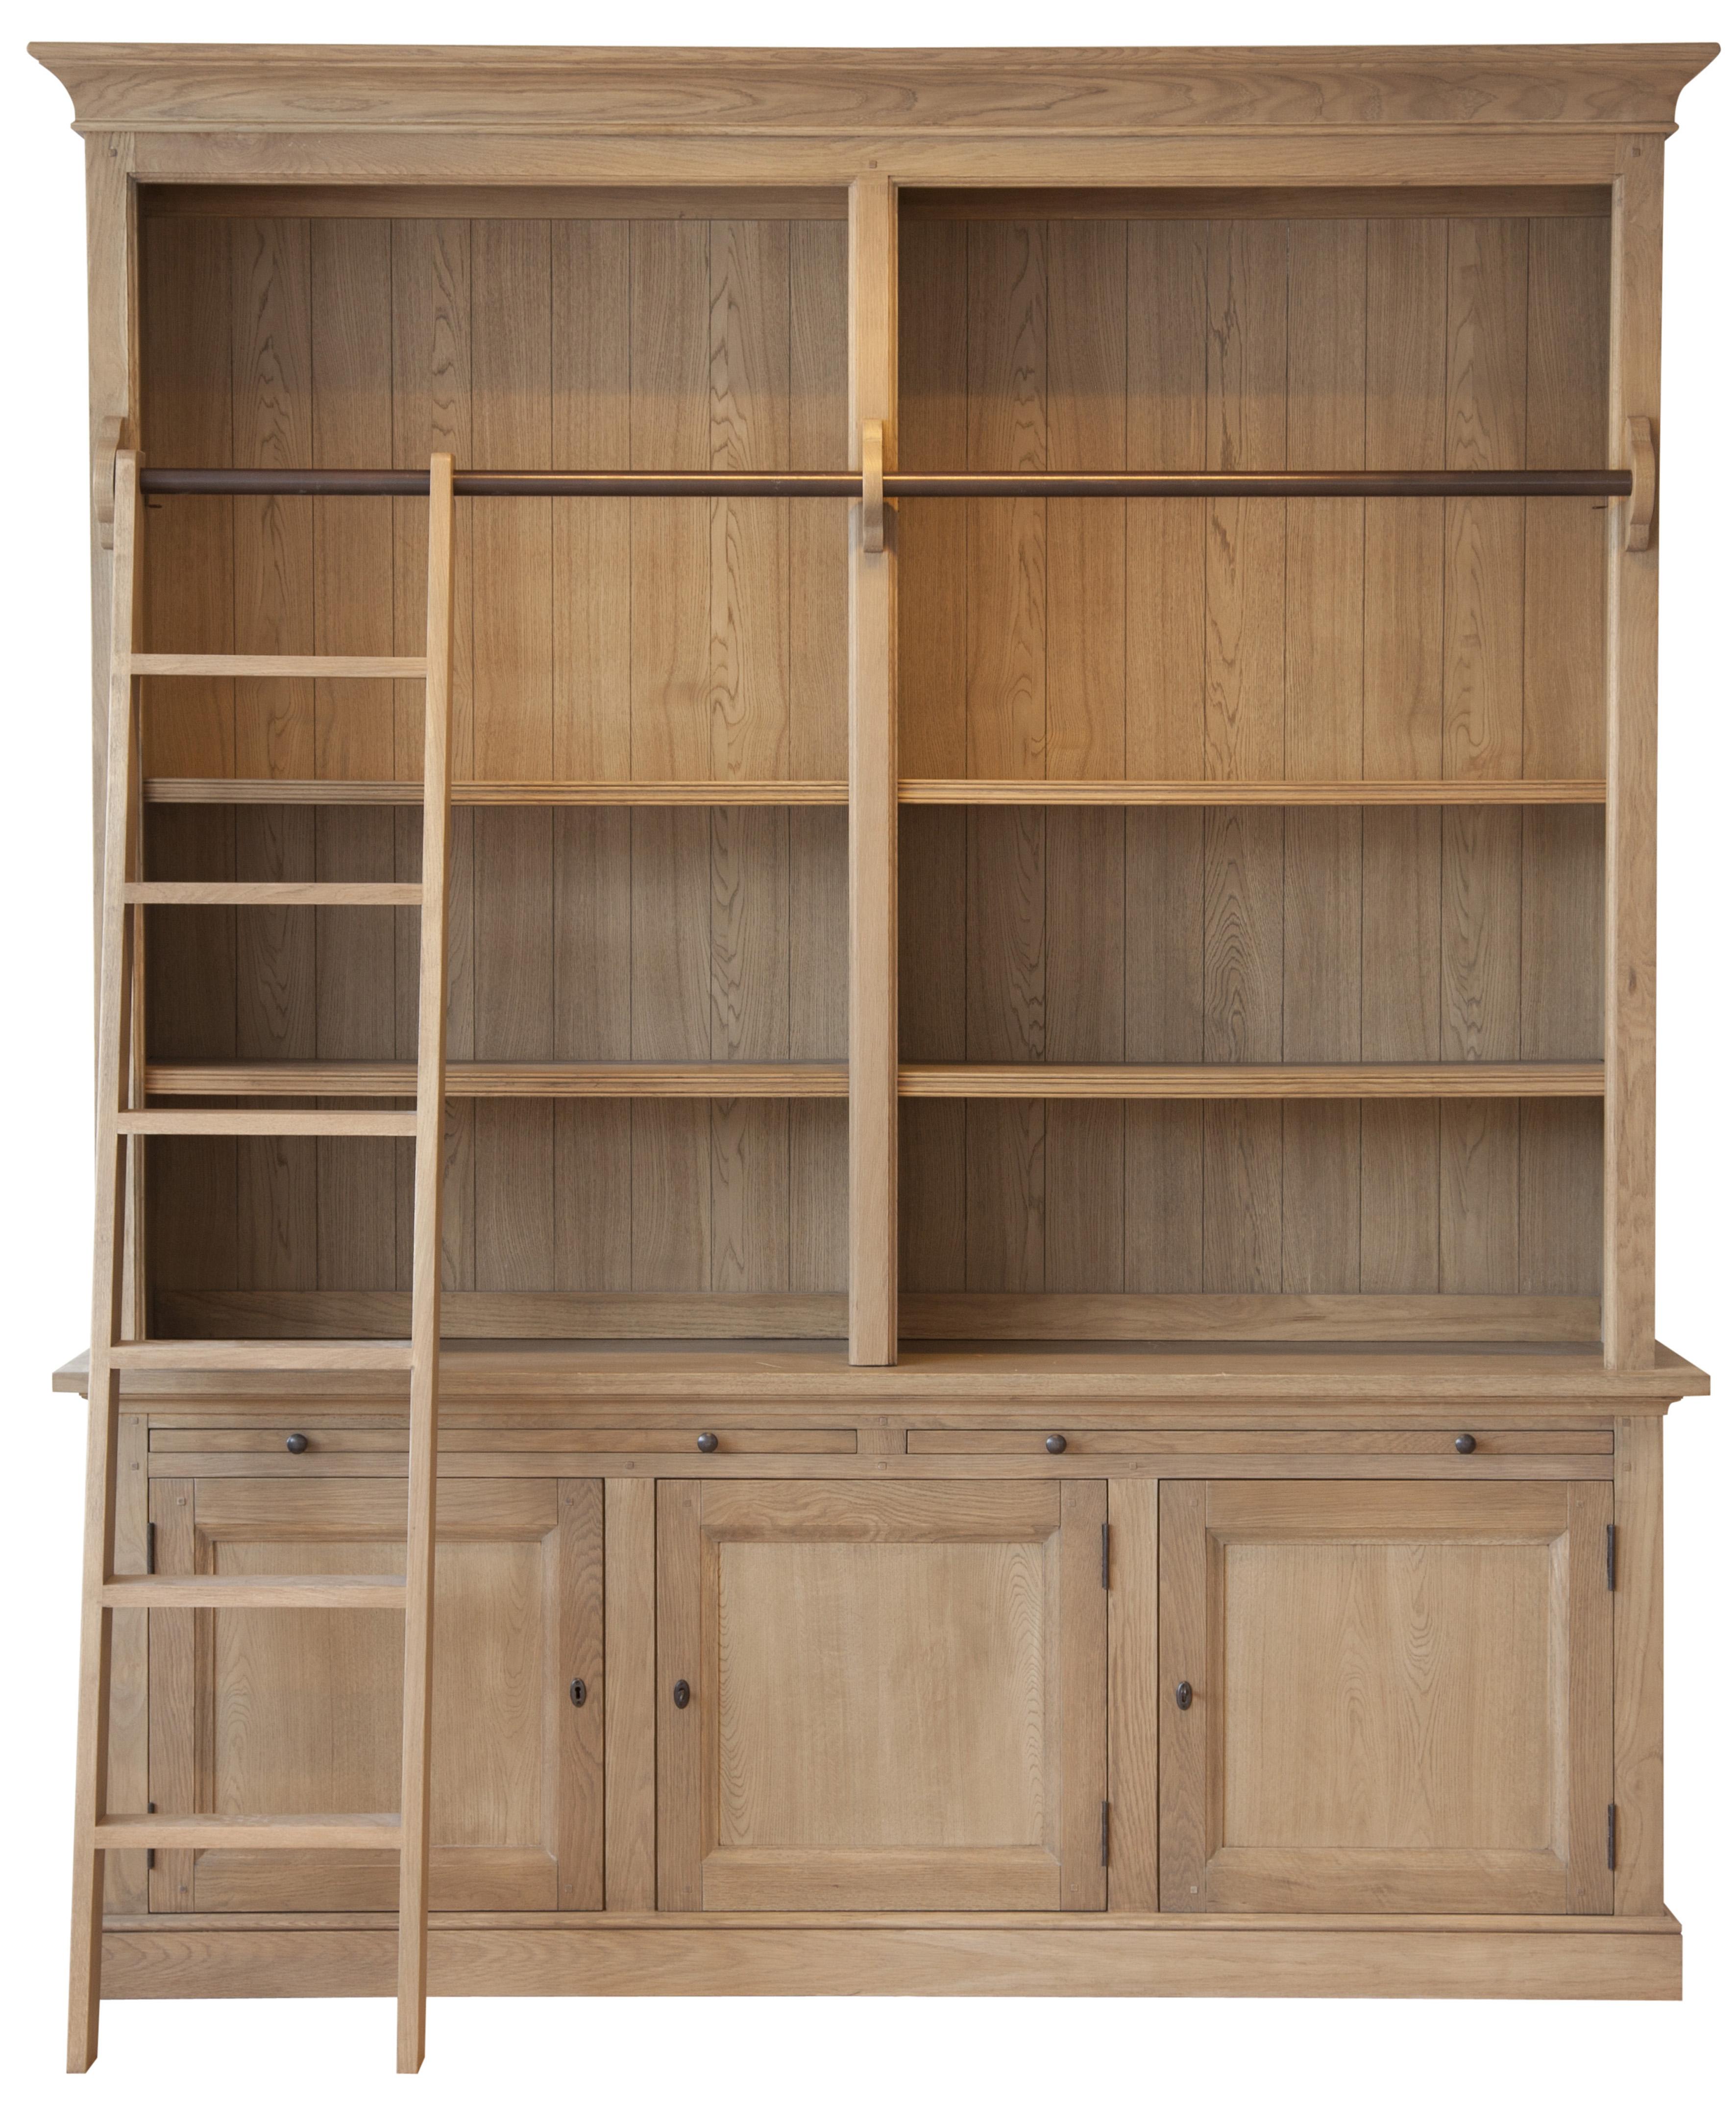 Stege till bokhylla u2013 Möbel för kök, sovrum